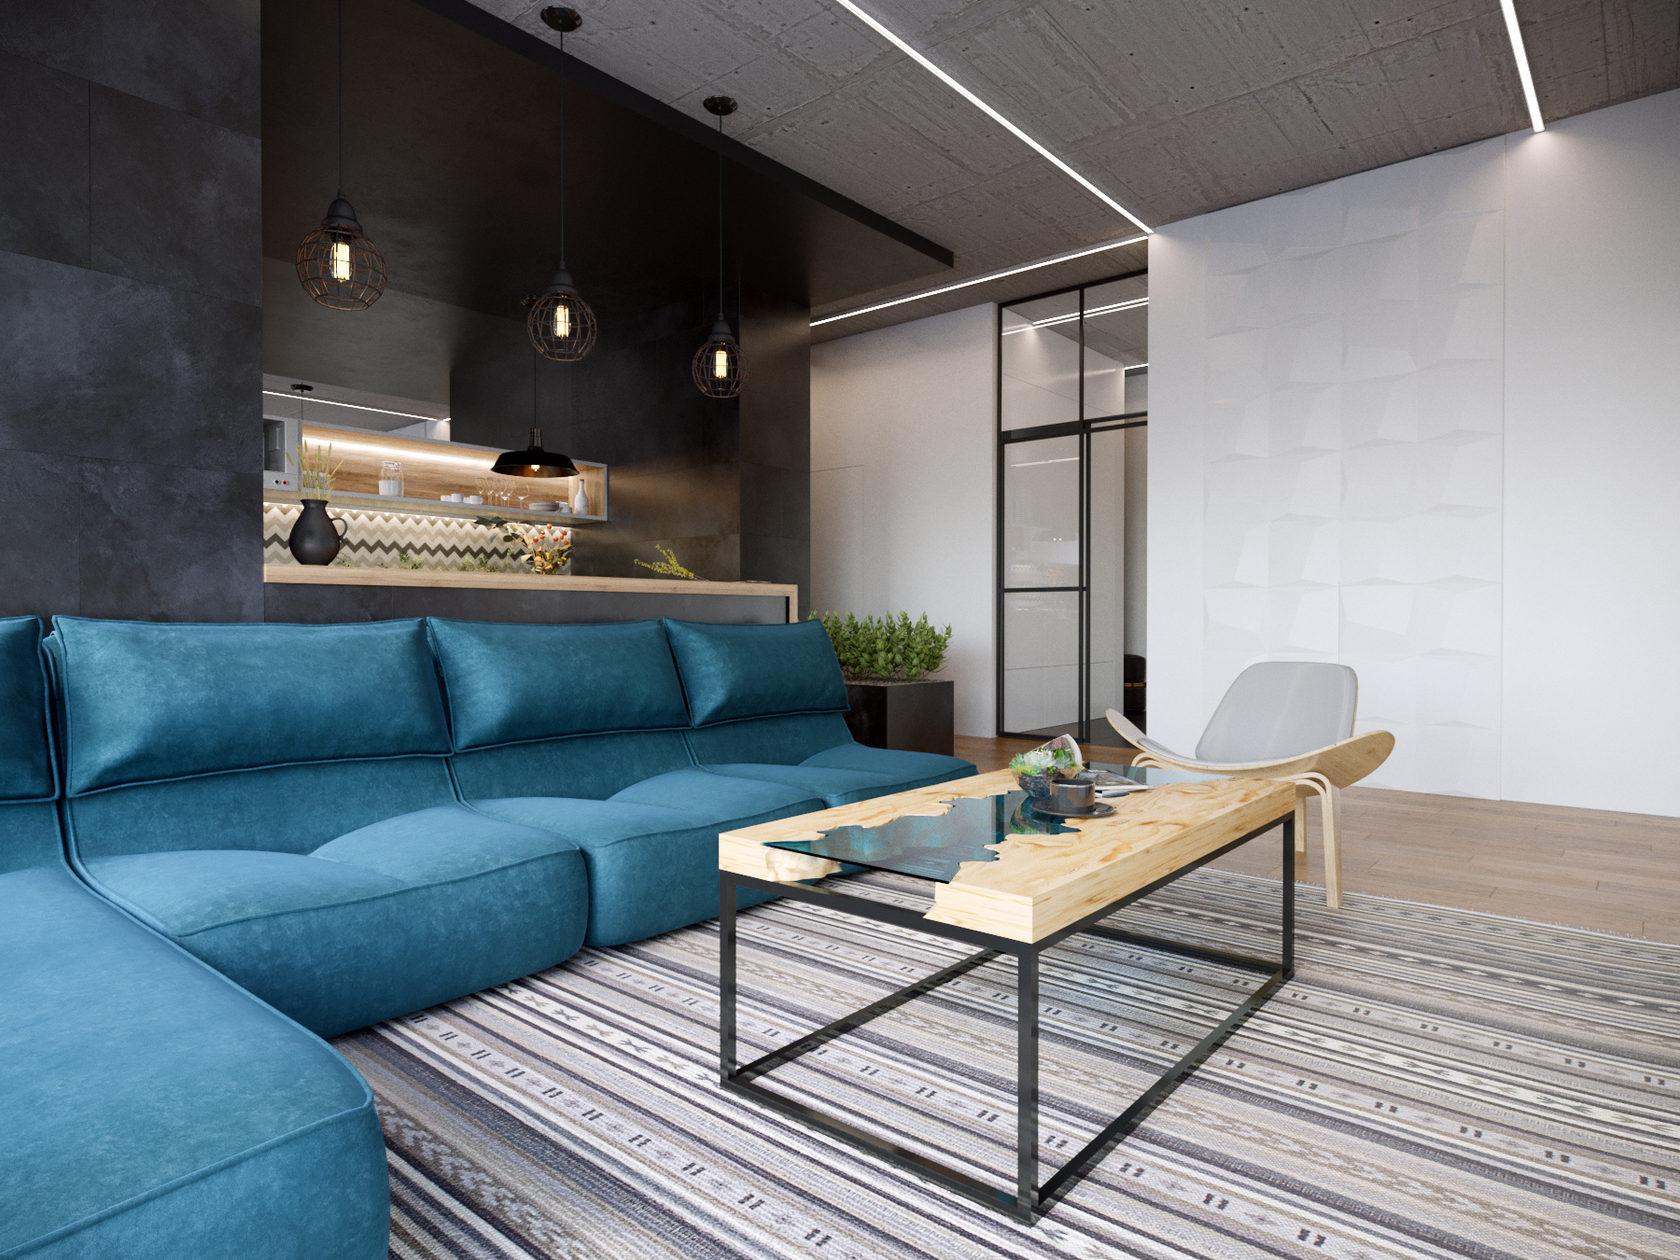 Дизайн интерьера квартиры с «европейскими ценностями»